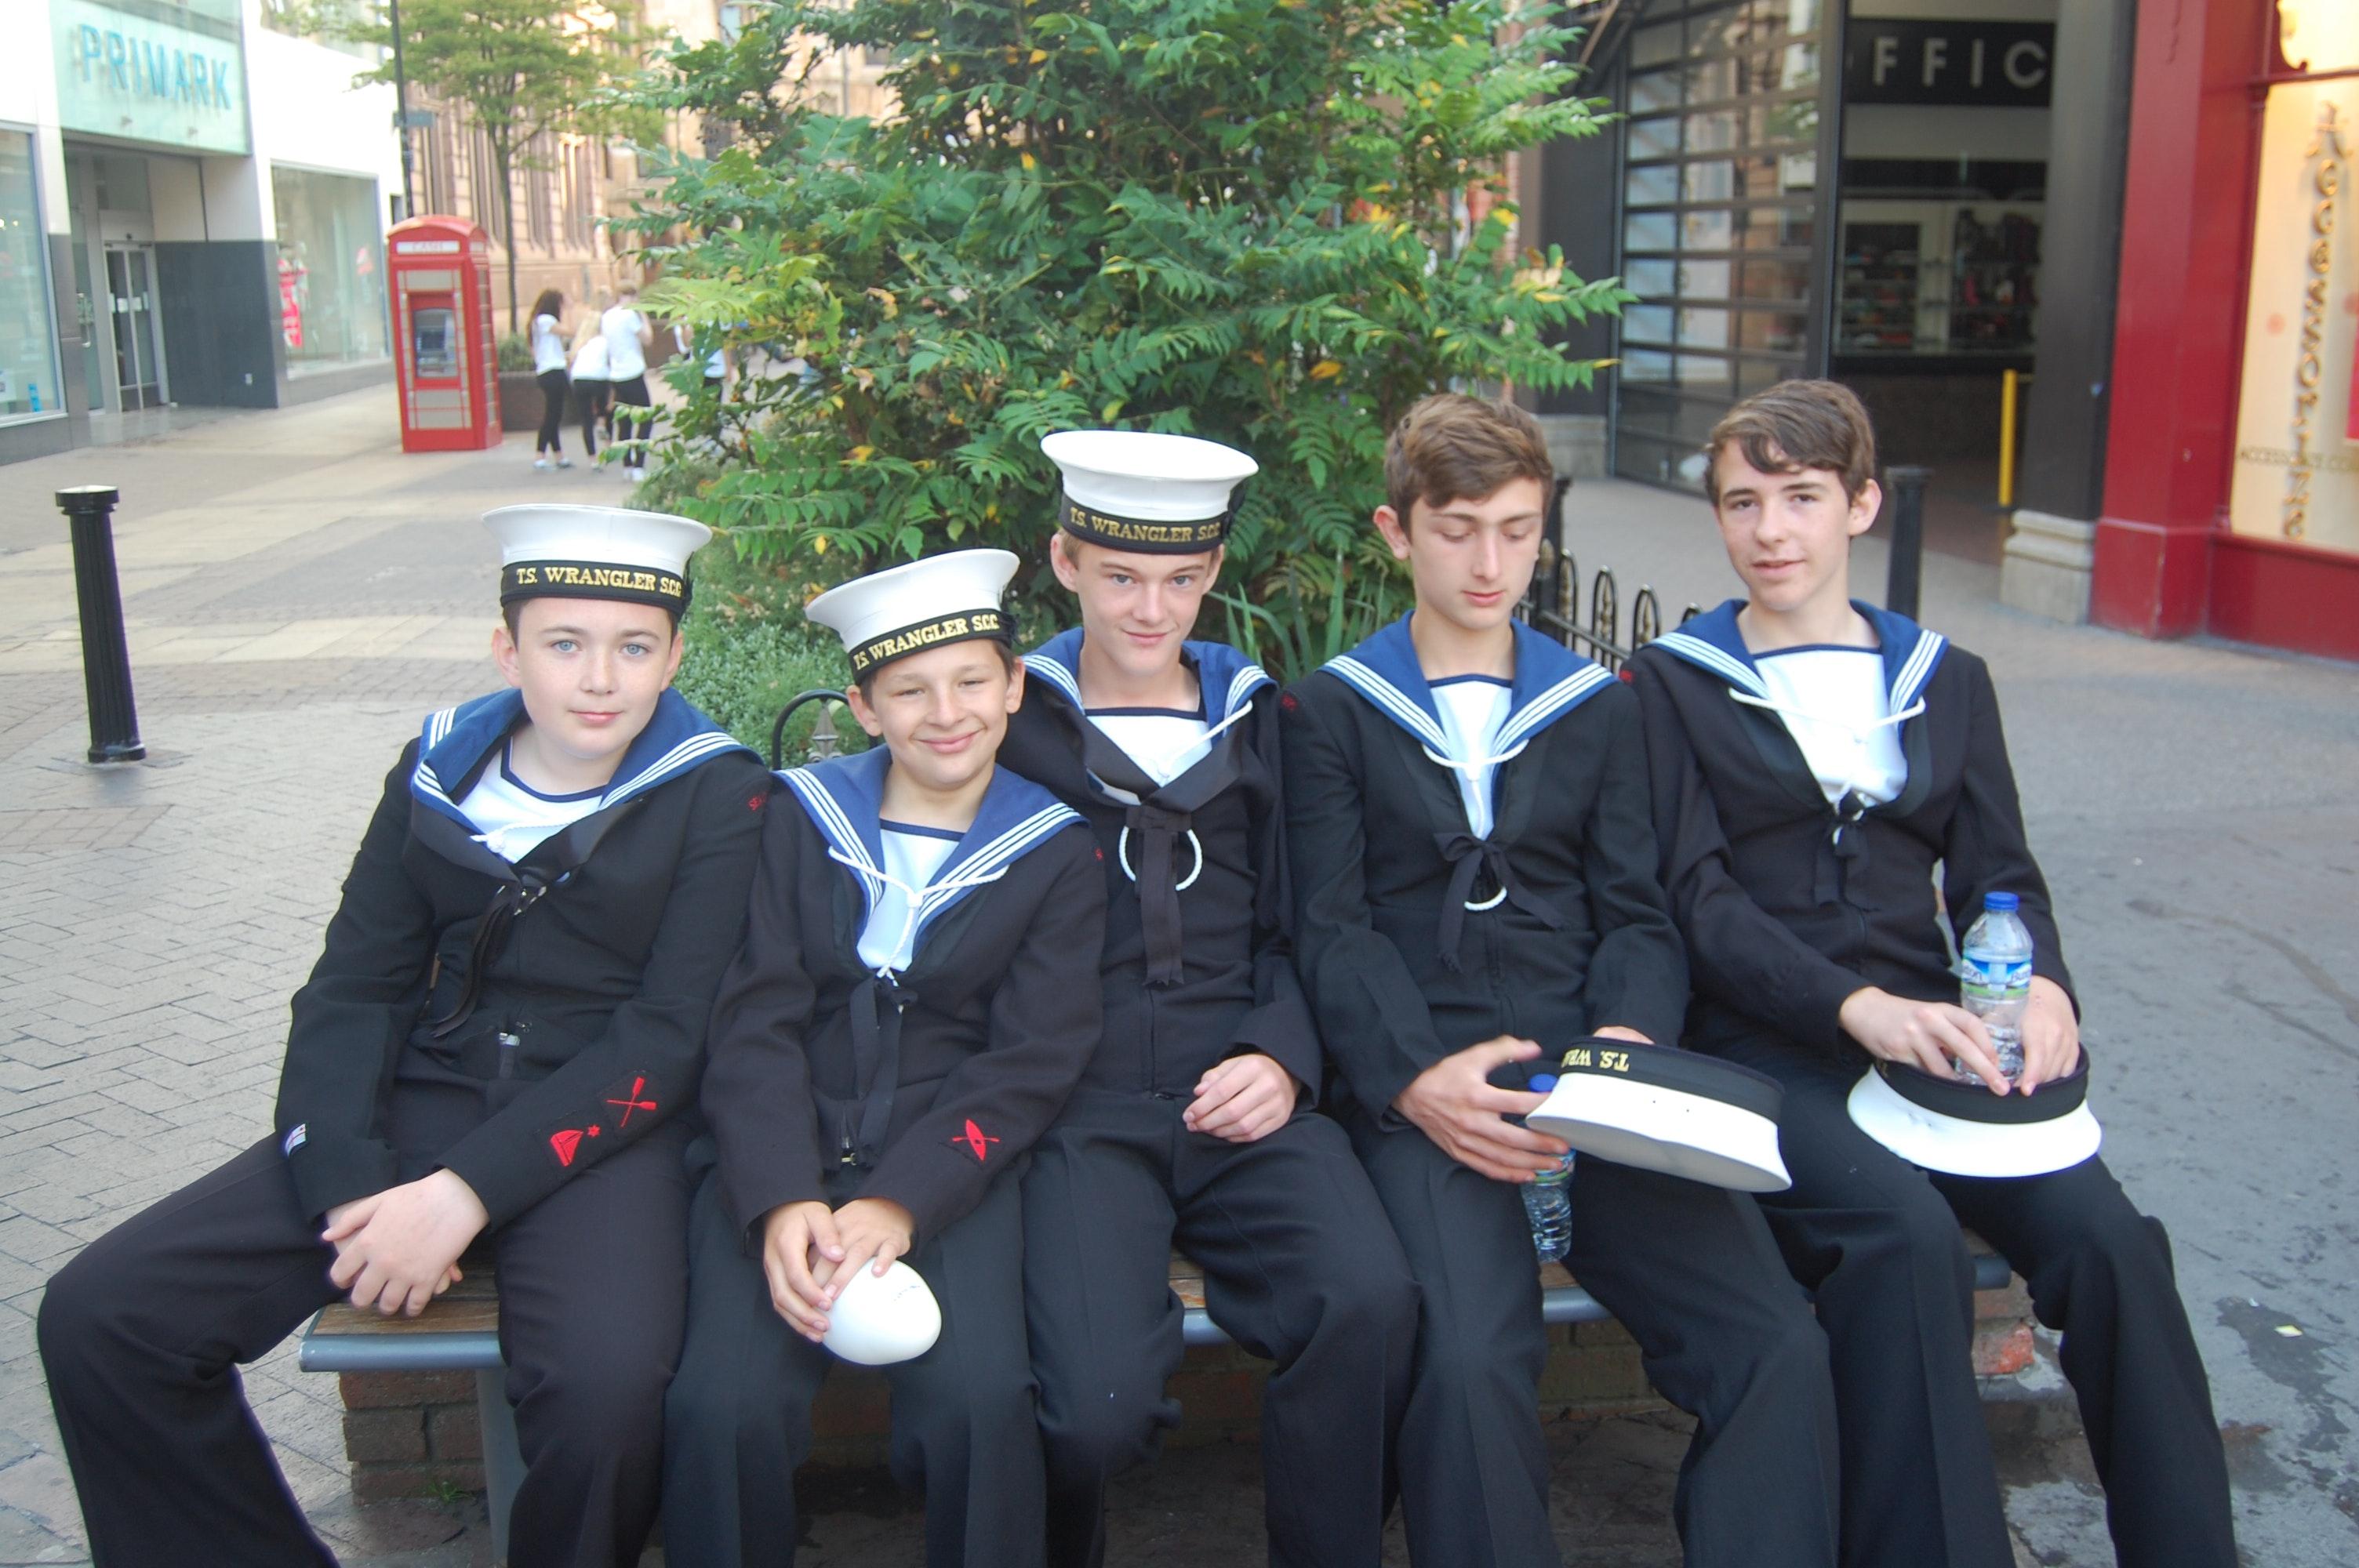 Lincoln sea scouts